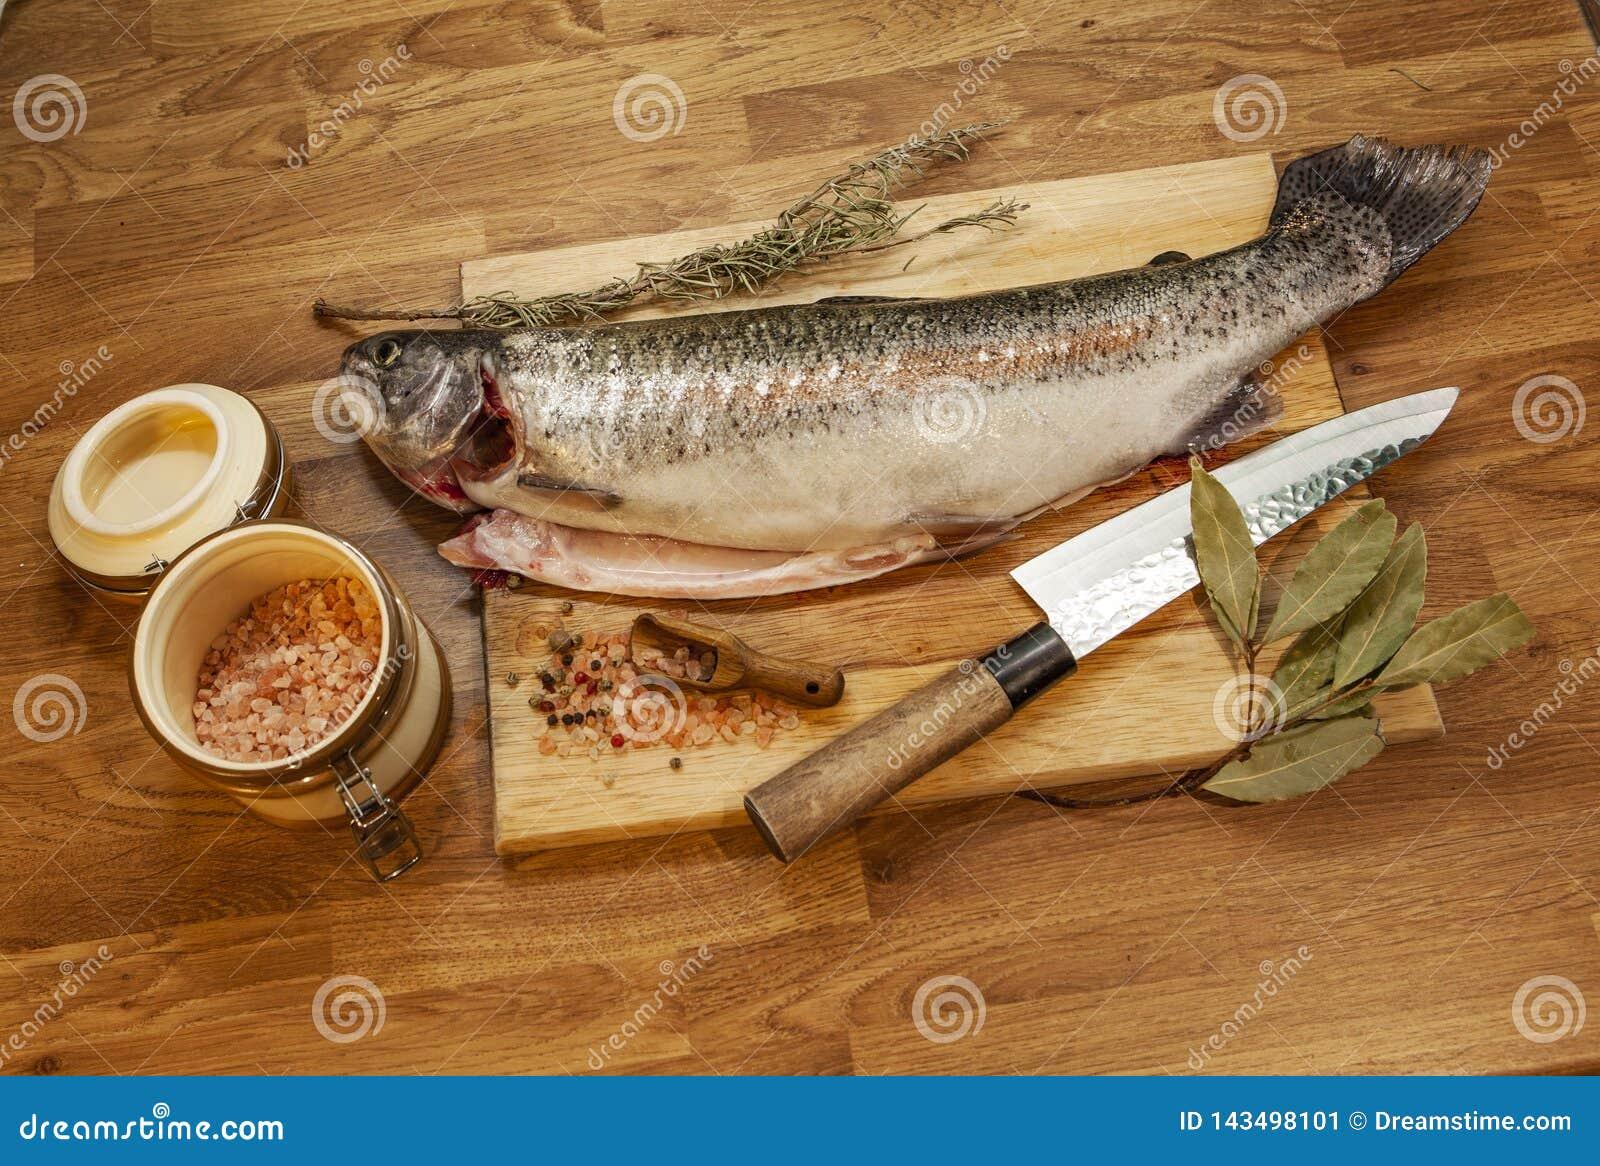 Fish on the cutting board